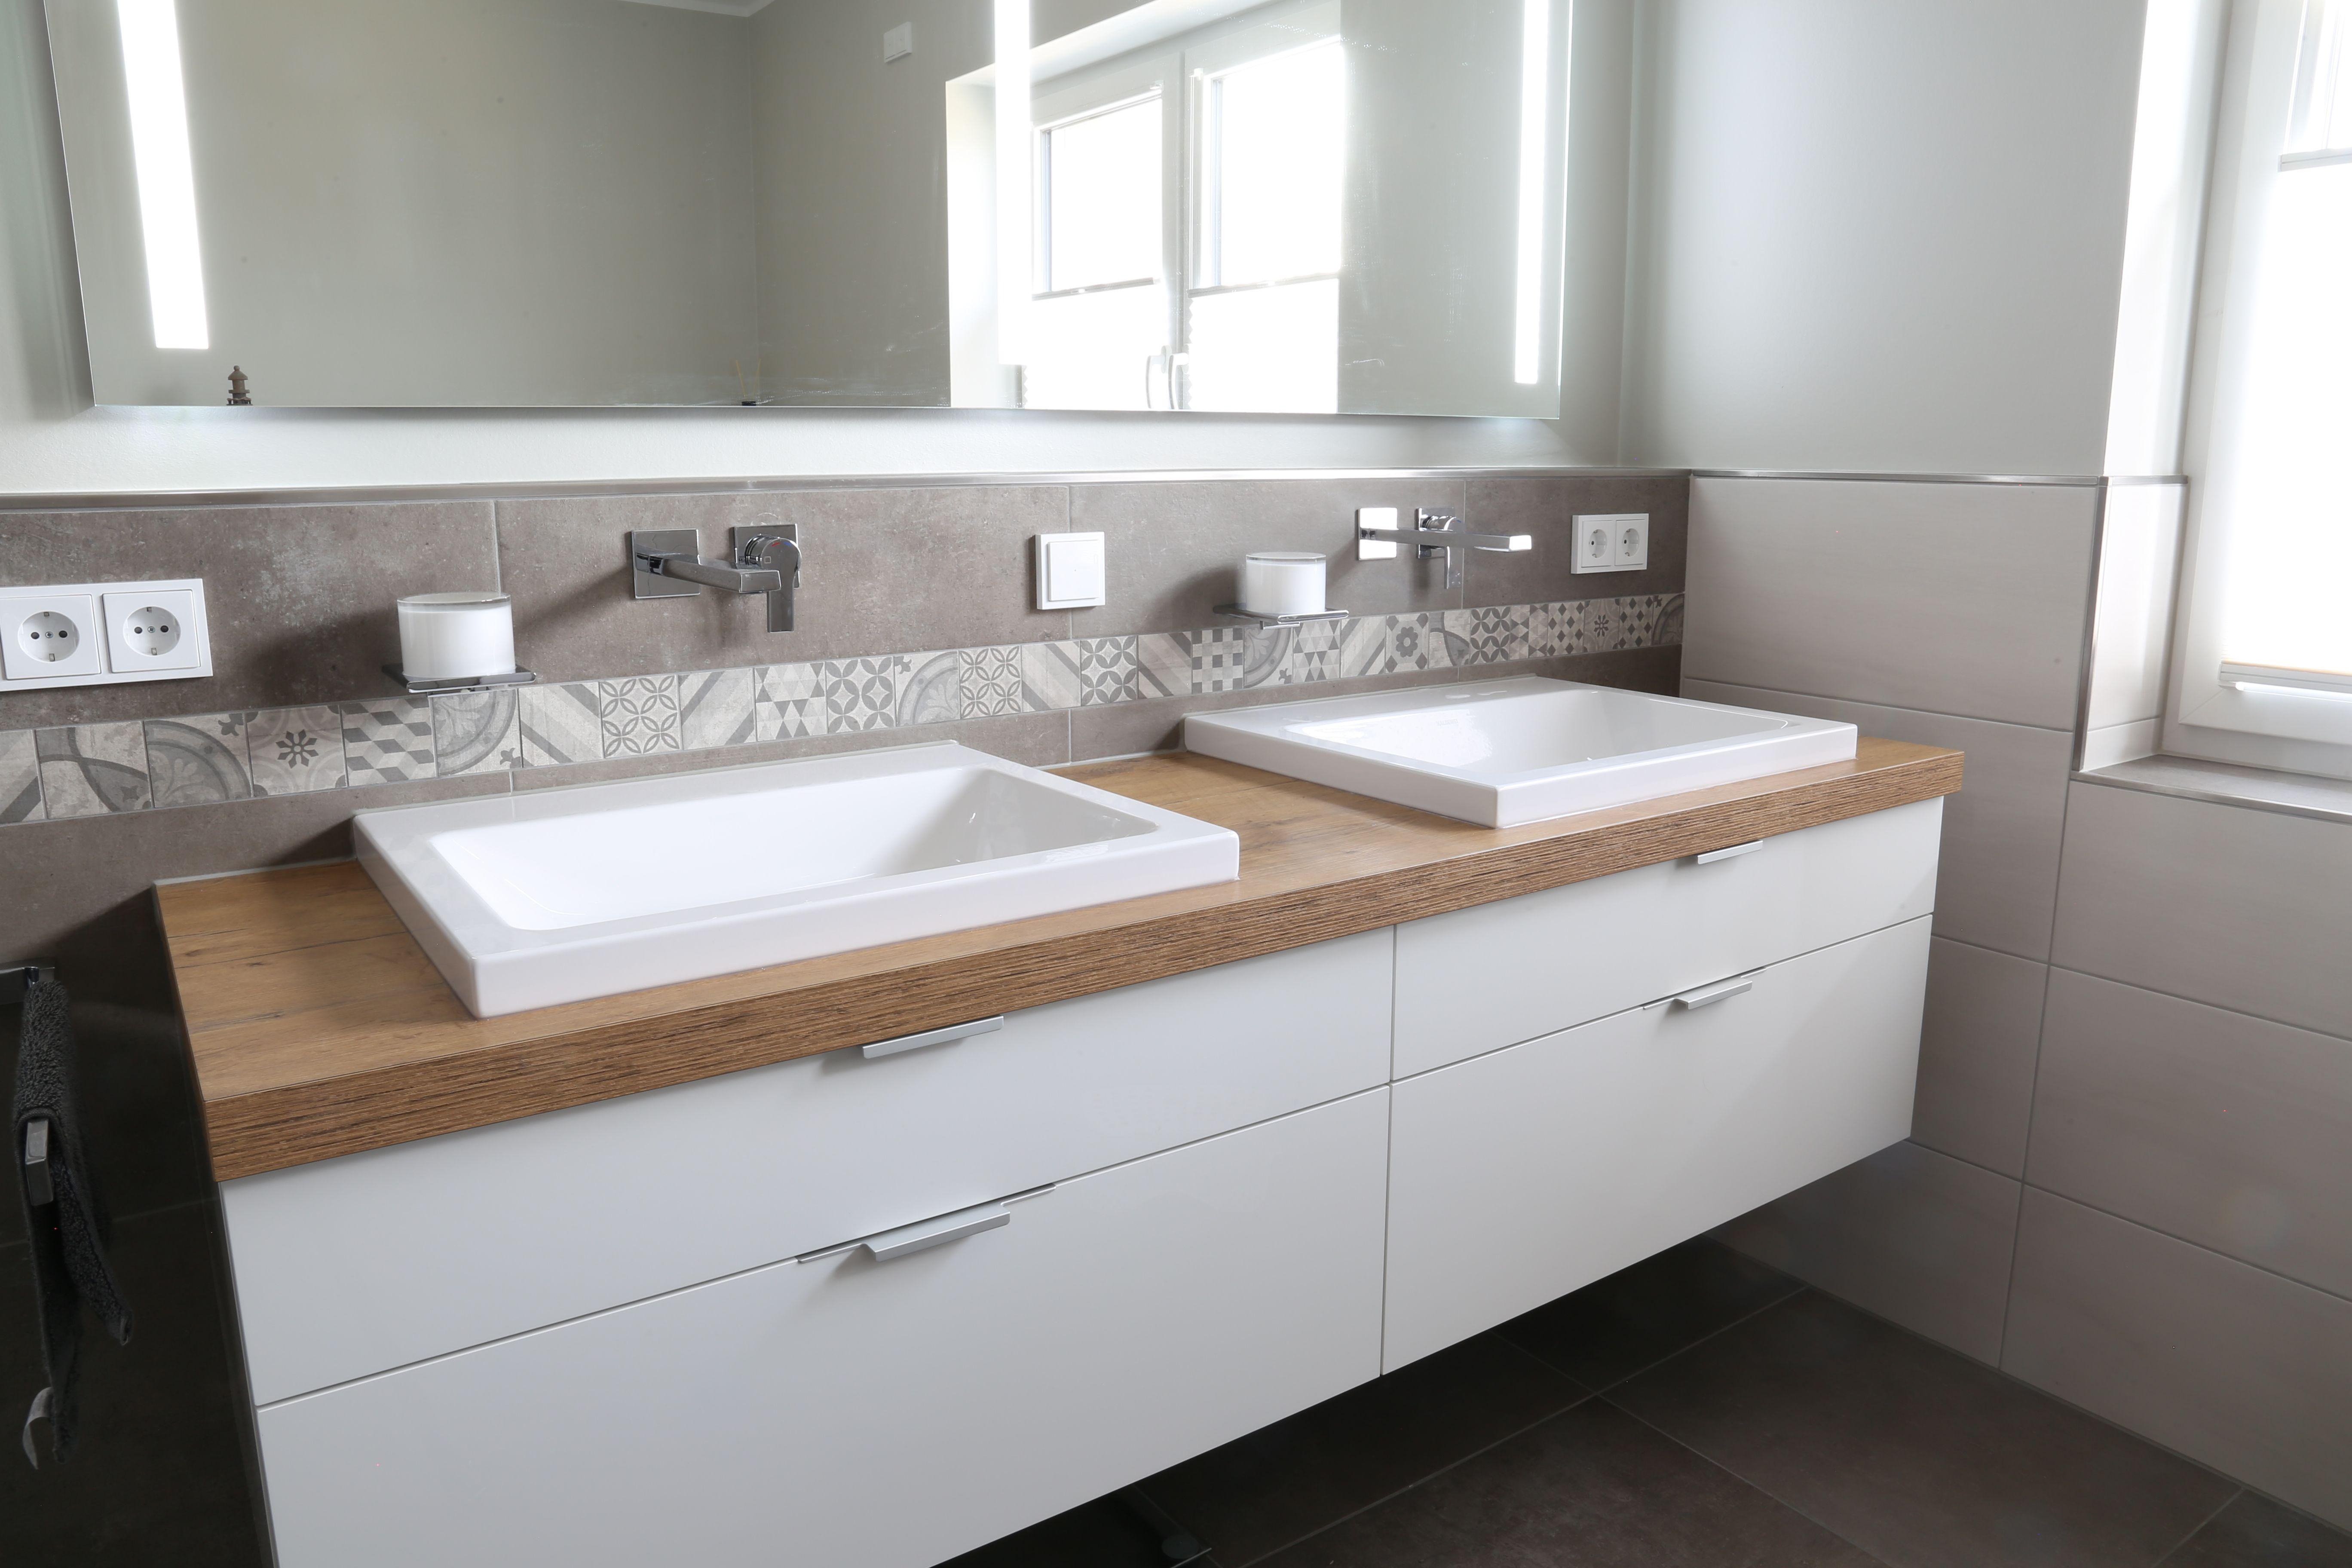 Badezimmer Ideen Badgestaltung Nach Mass Individuelle Raumlosungen Interior Design Badgestaltung Kuchendesign Kuchen Design